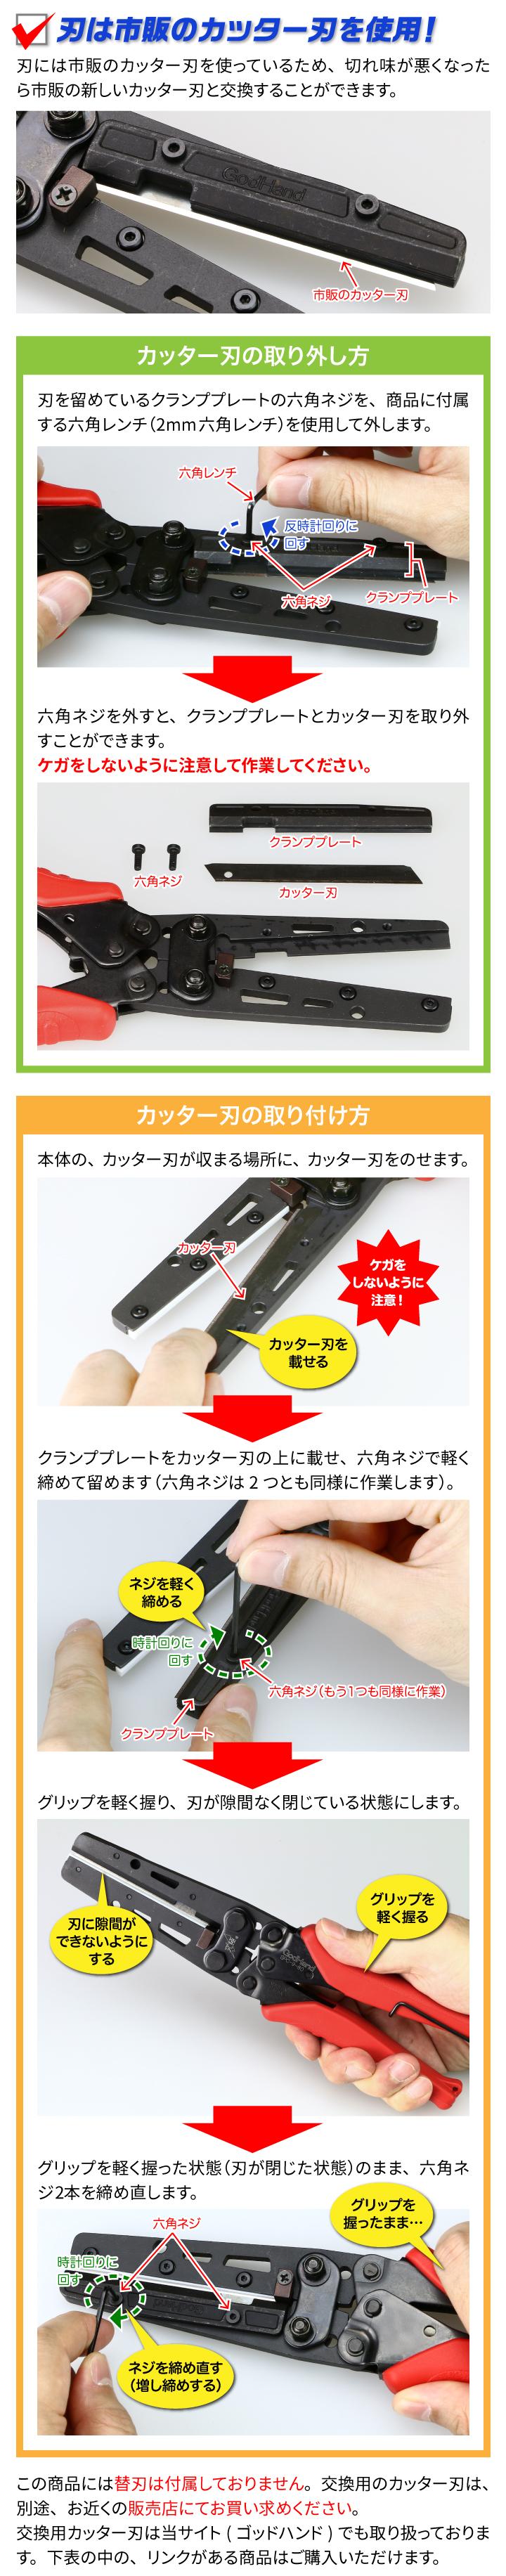 刃は市販のカッター刃を使用!プラ板 加工 カッター アルティメットカッター